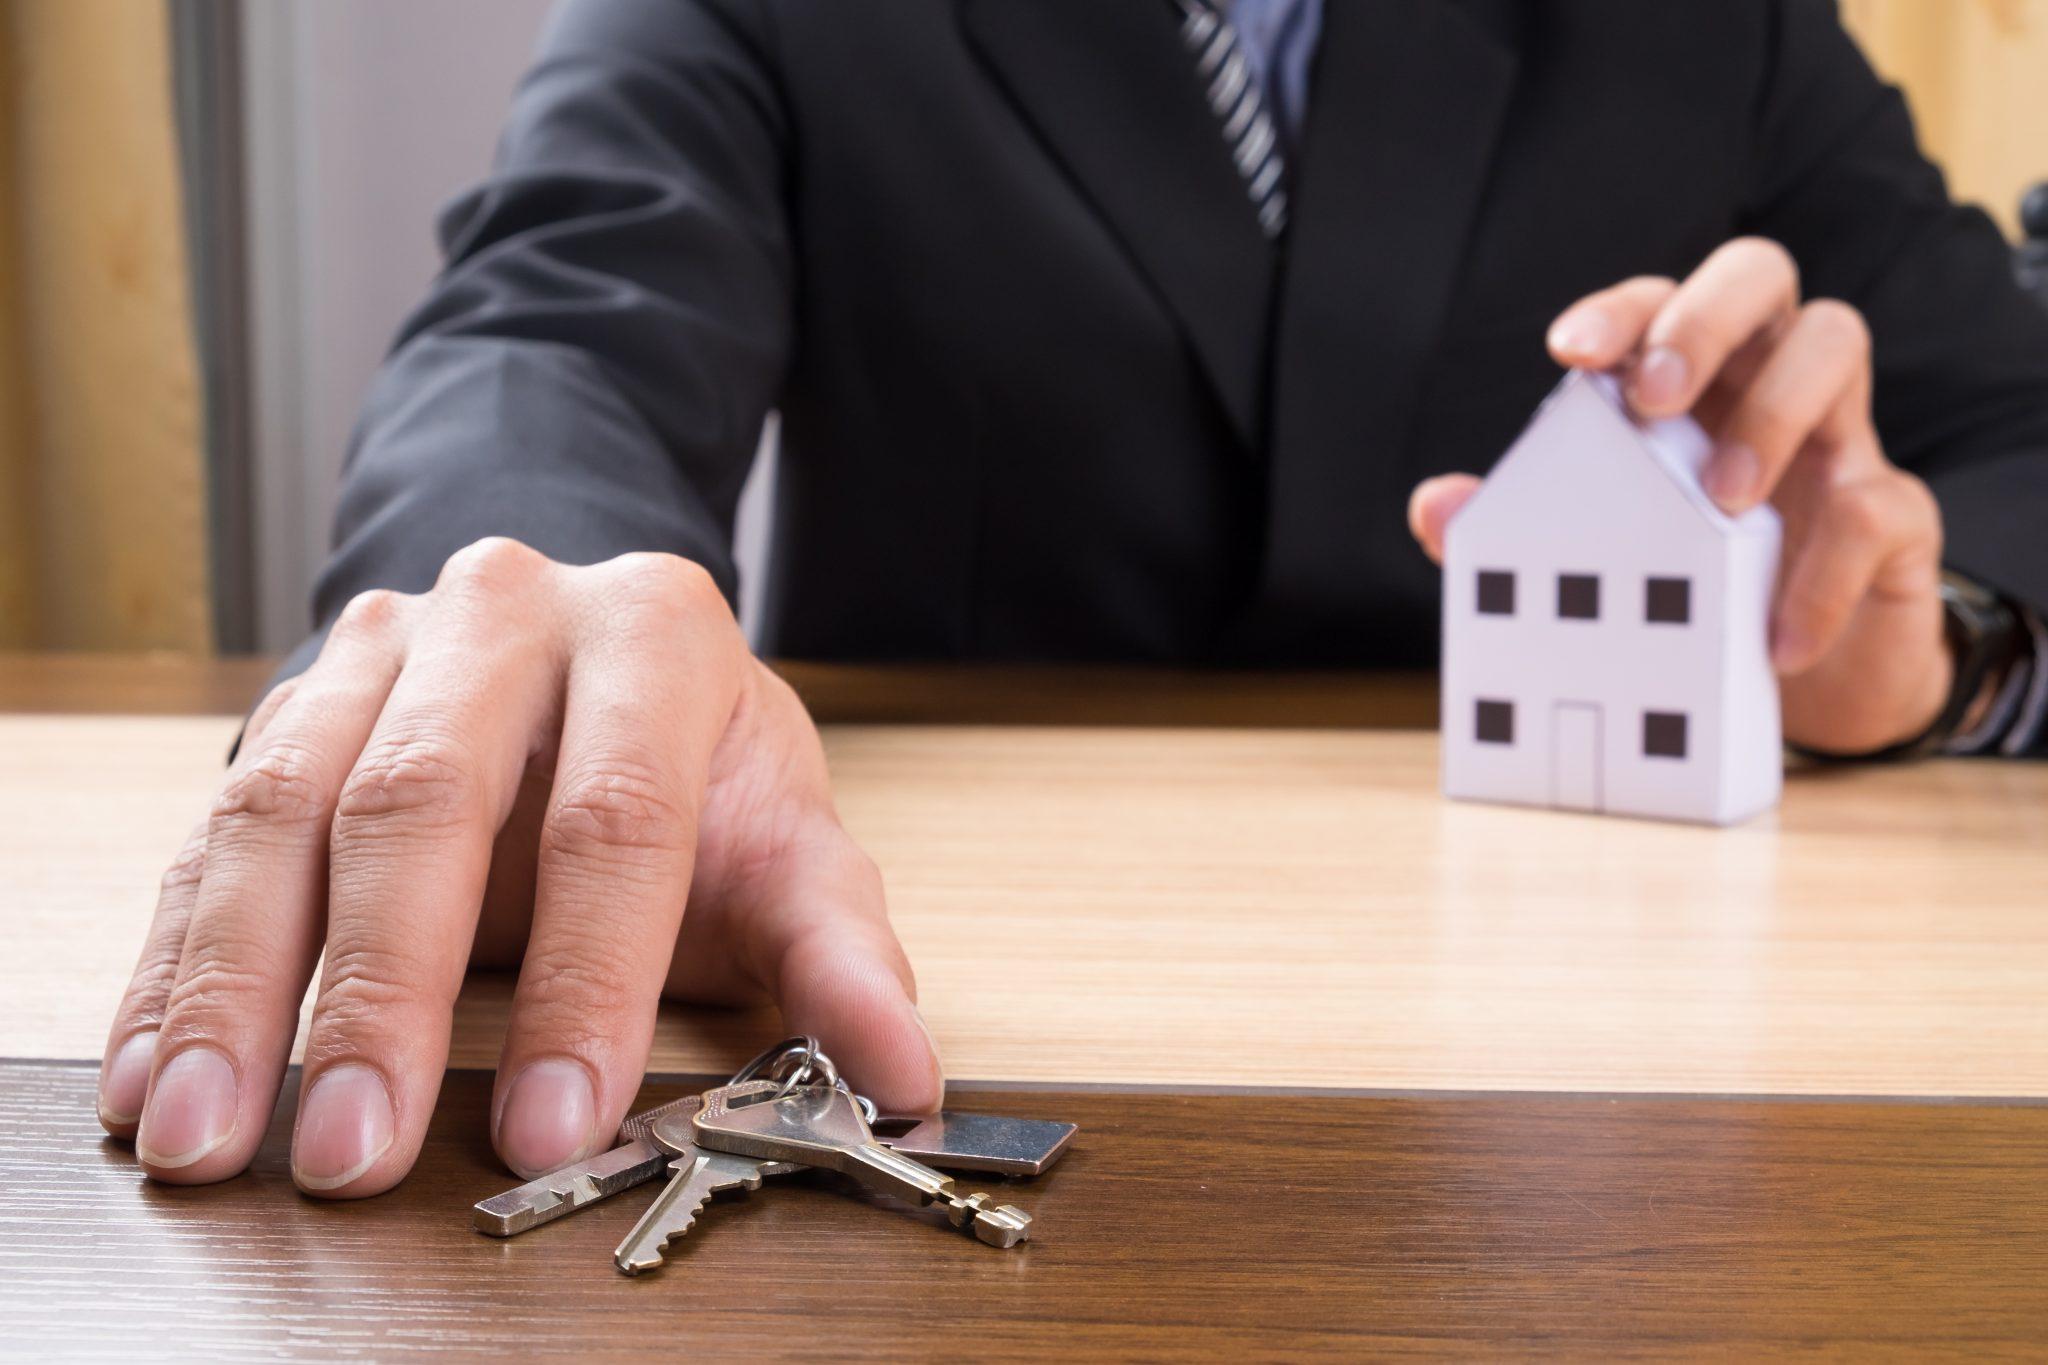 precios-de-viviendas-en-aumento